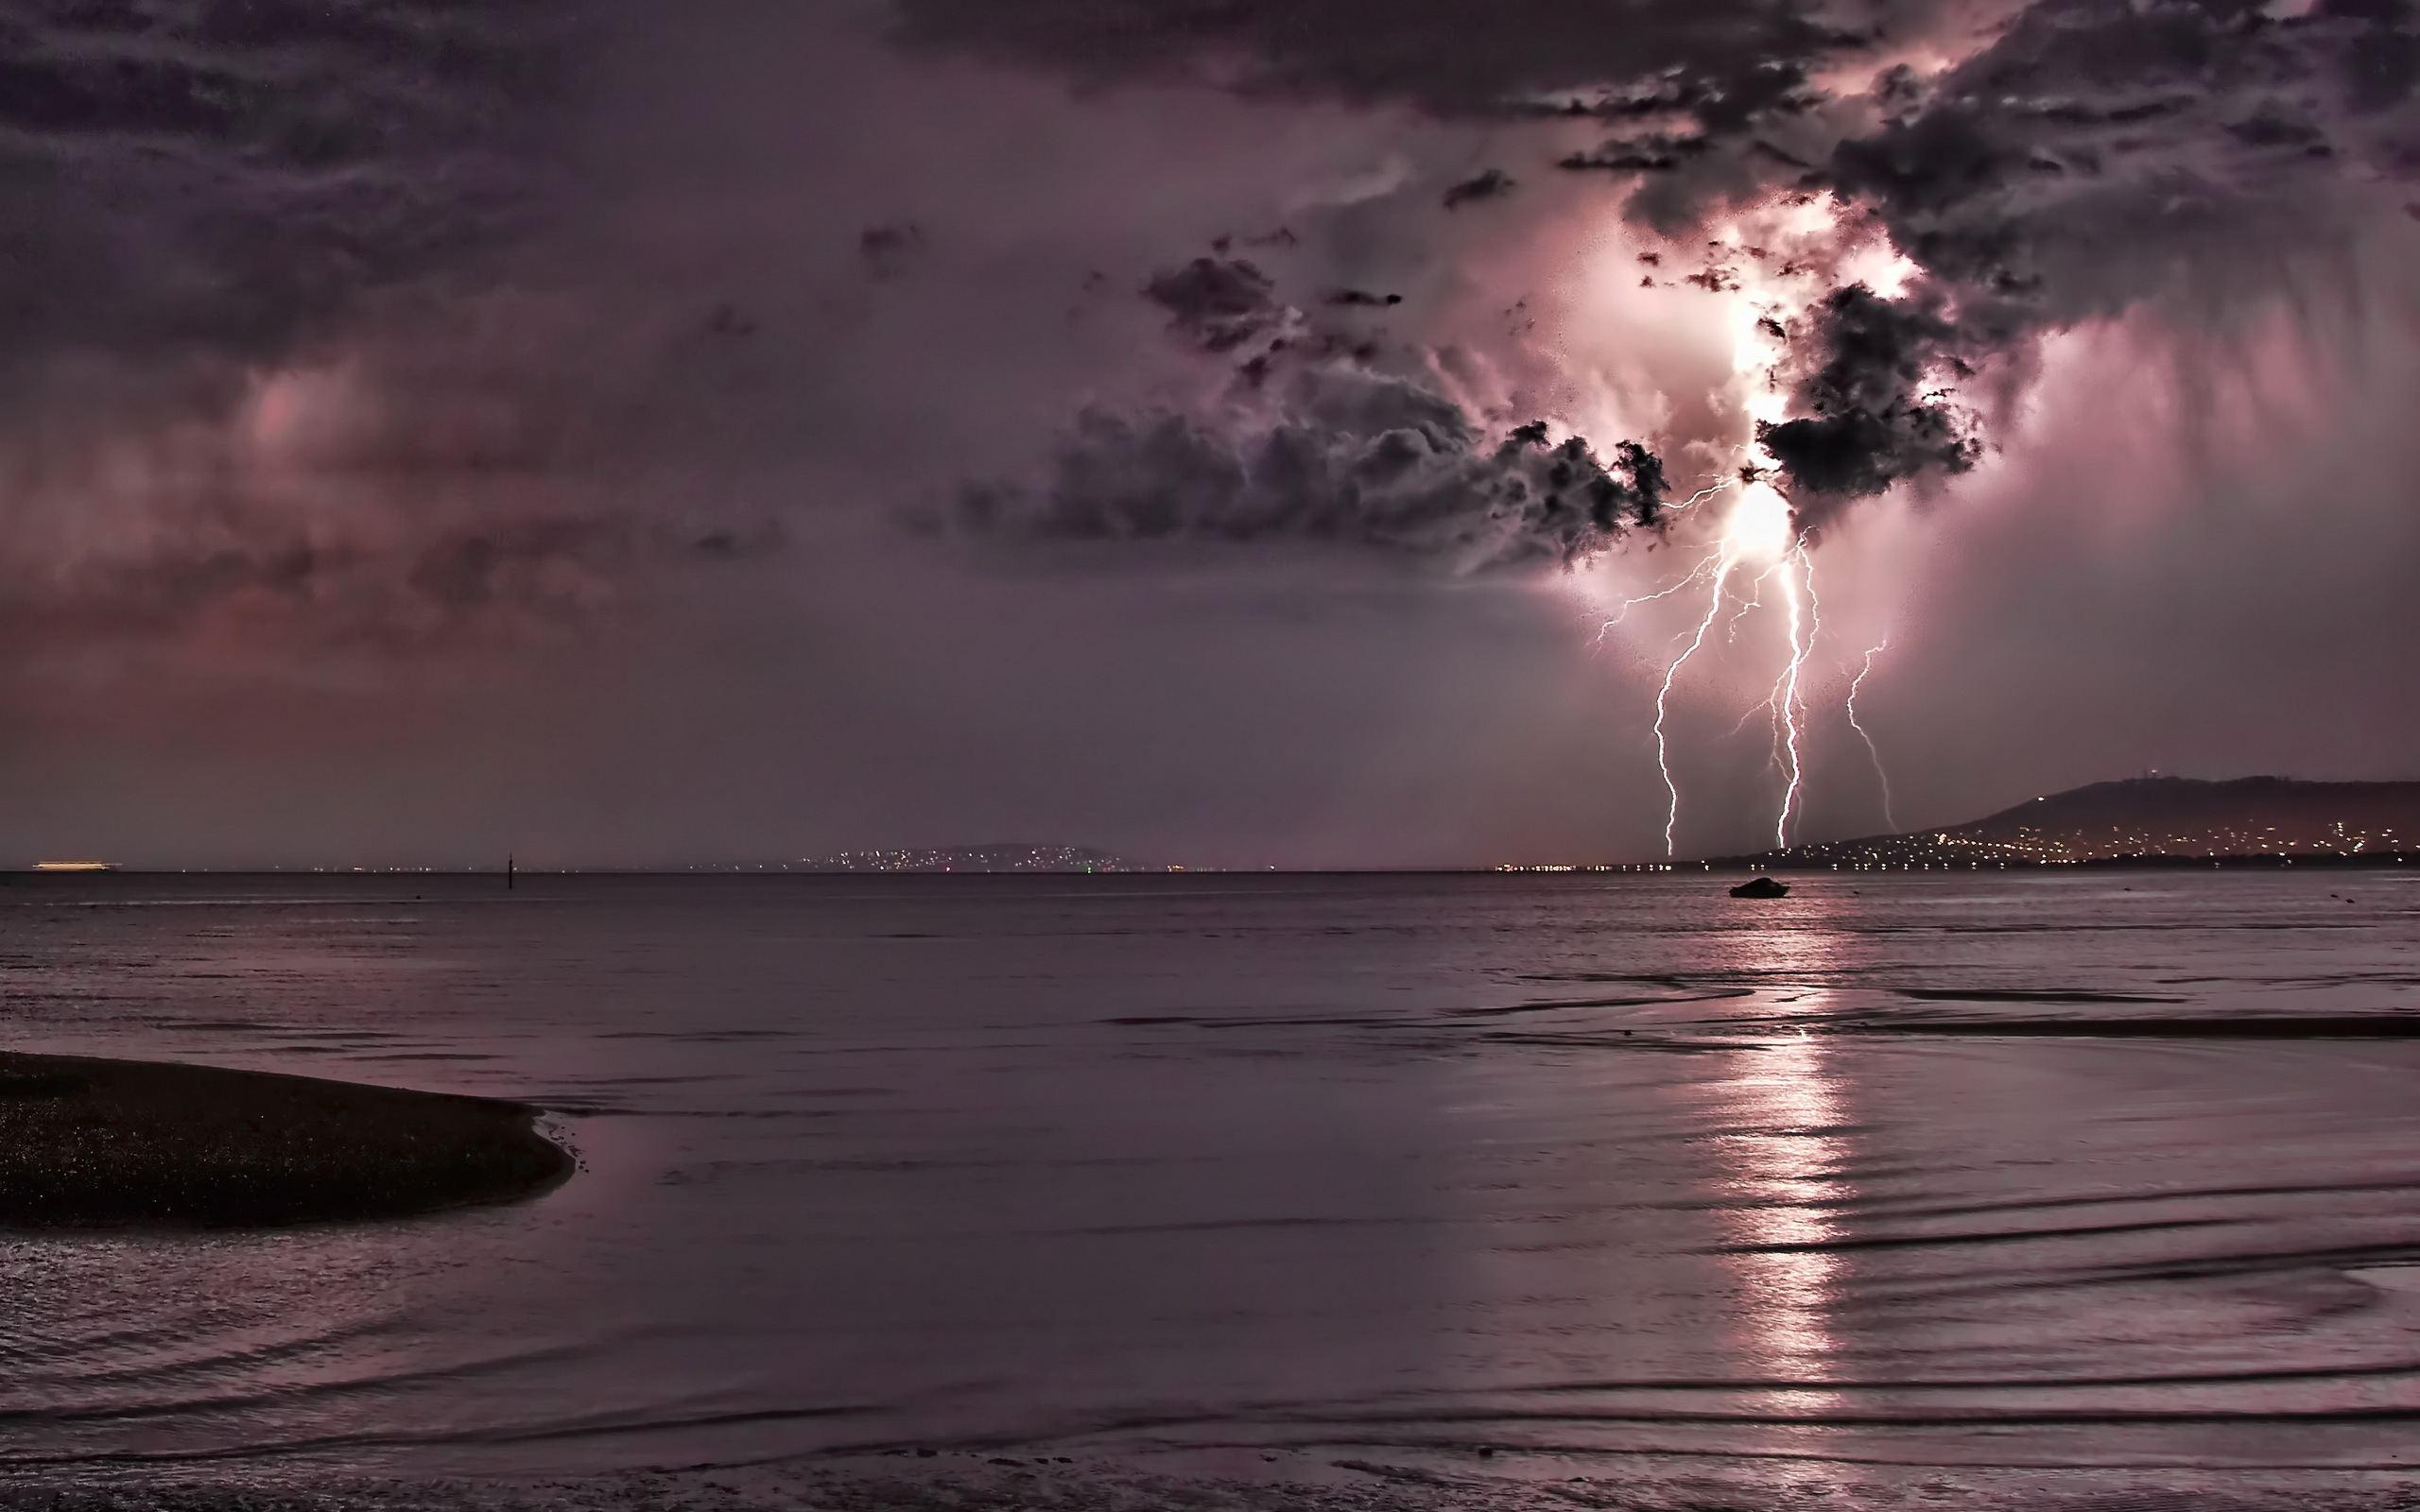 Фото моря в шторм